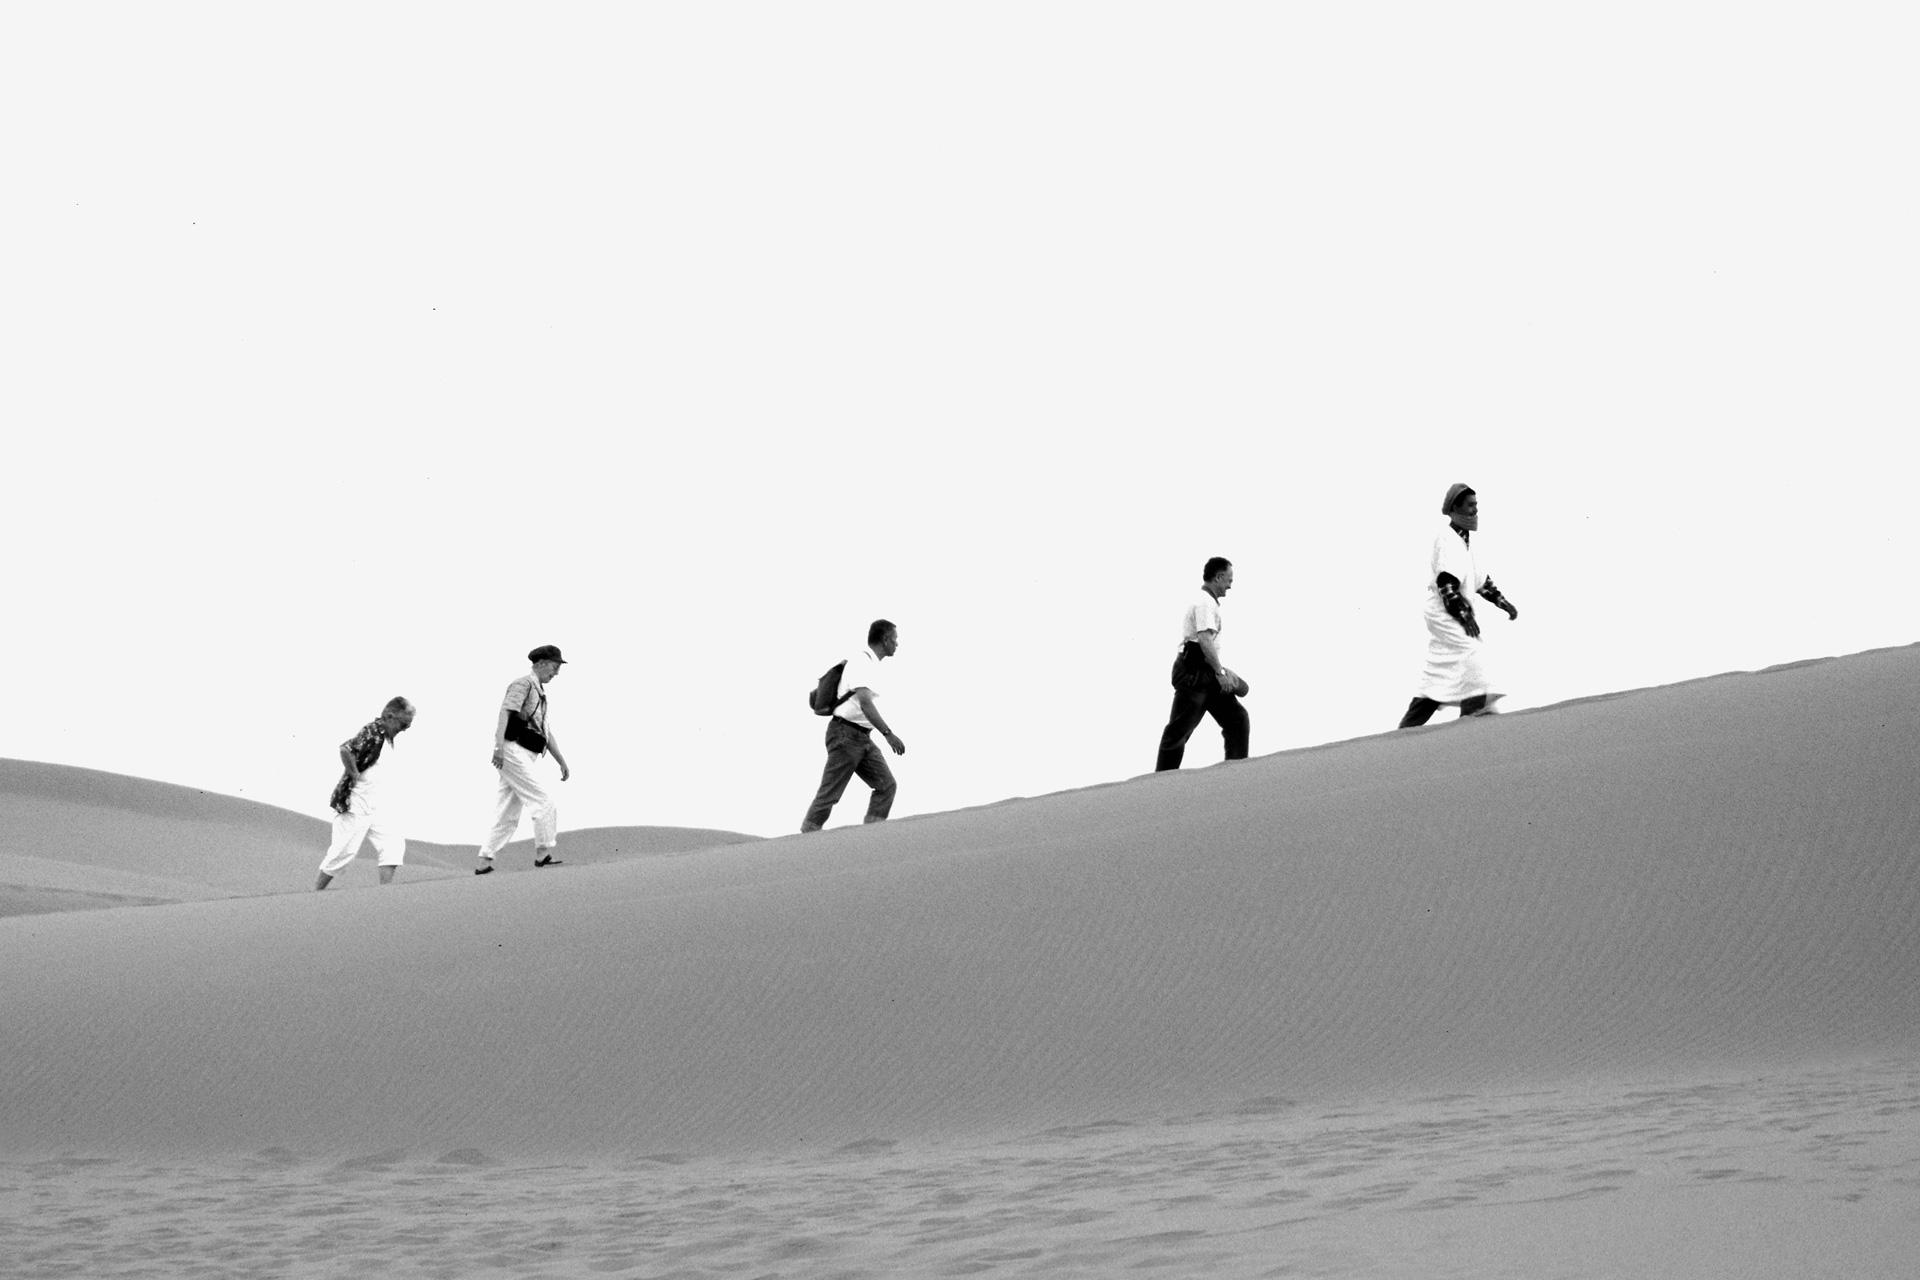 Wüstenbesucher, Marokko